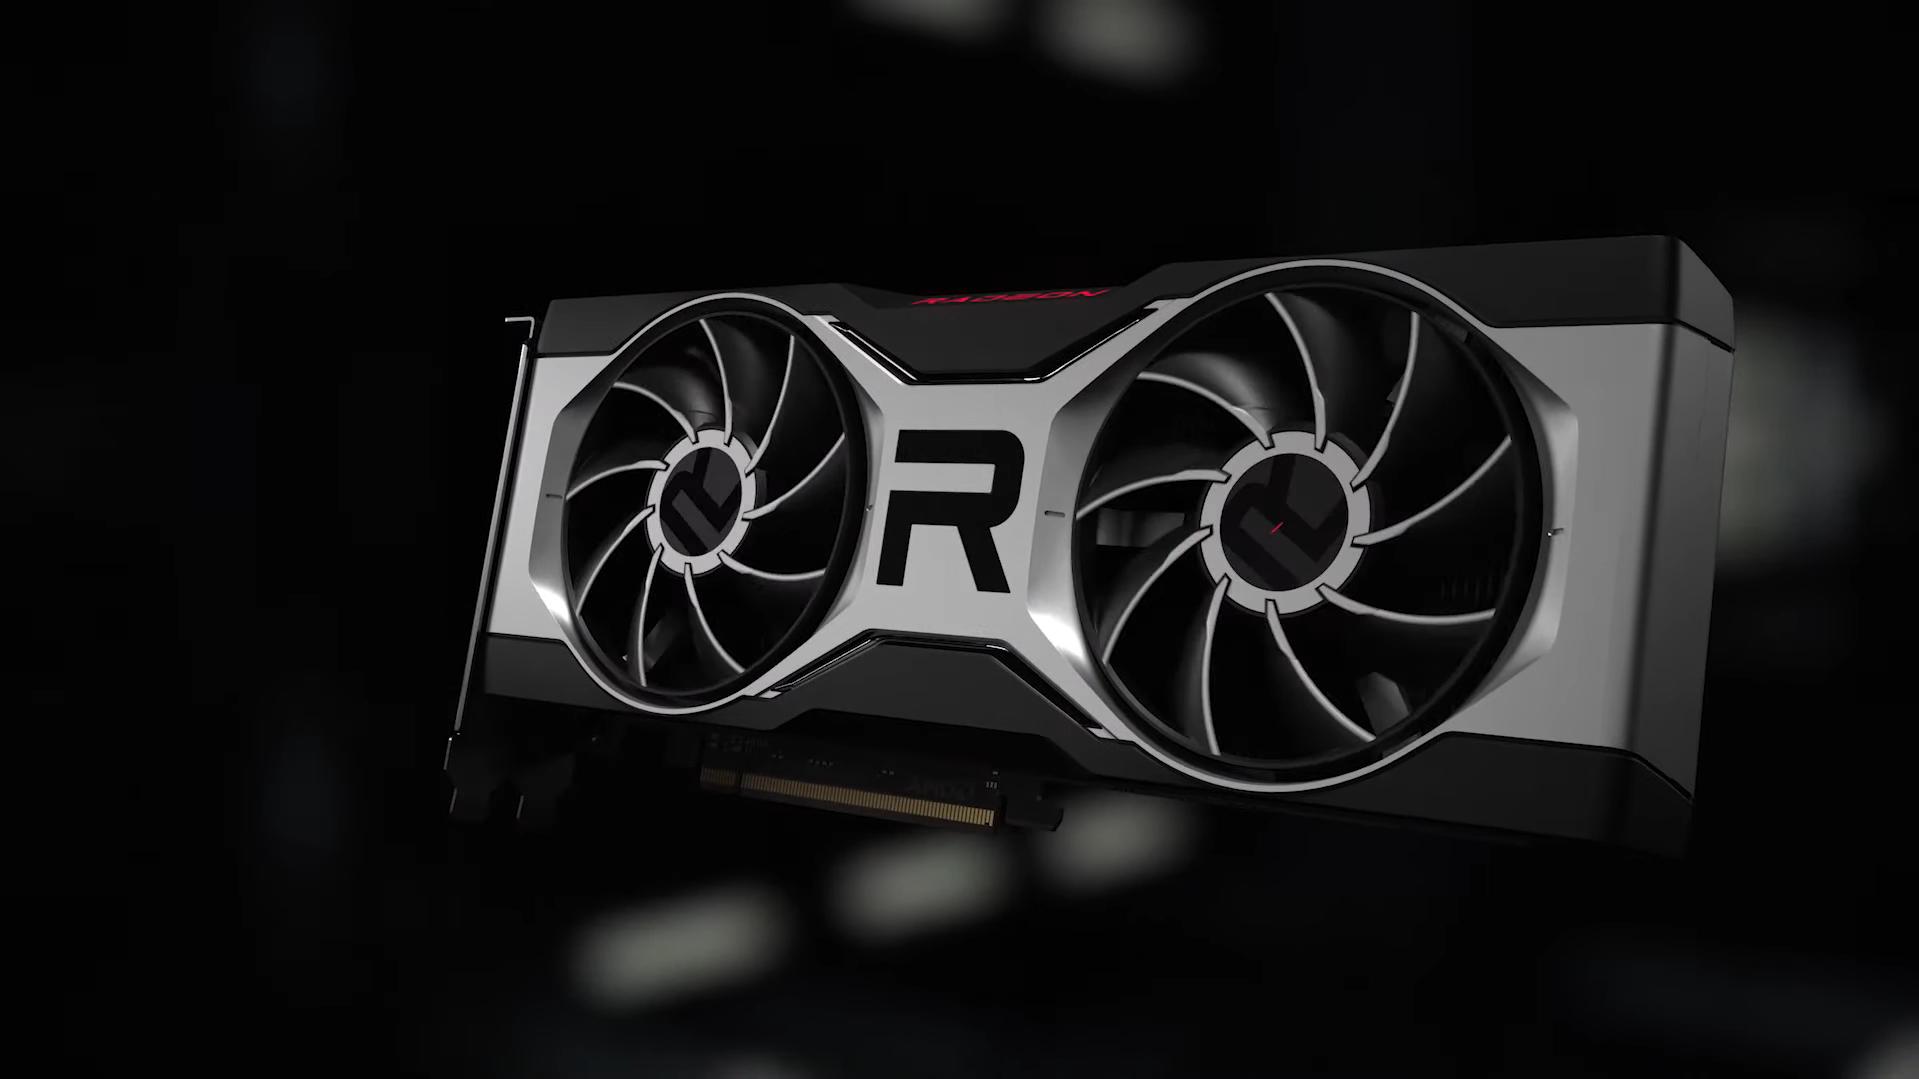 AMD представила Radeon RX 6700 XT: видеокарта для игр в 1440р с трассировкой лучей за $480